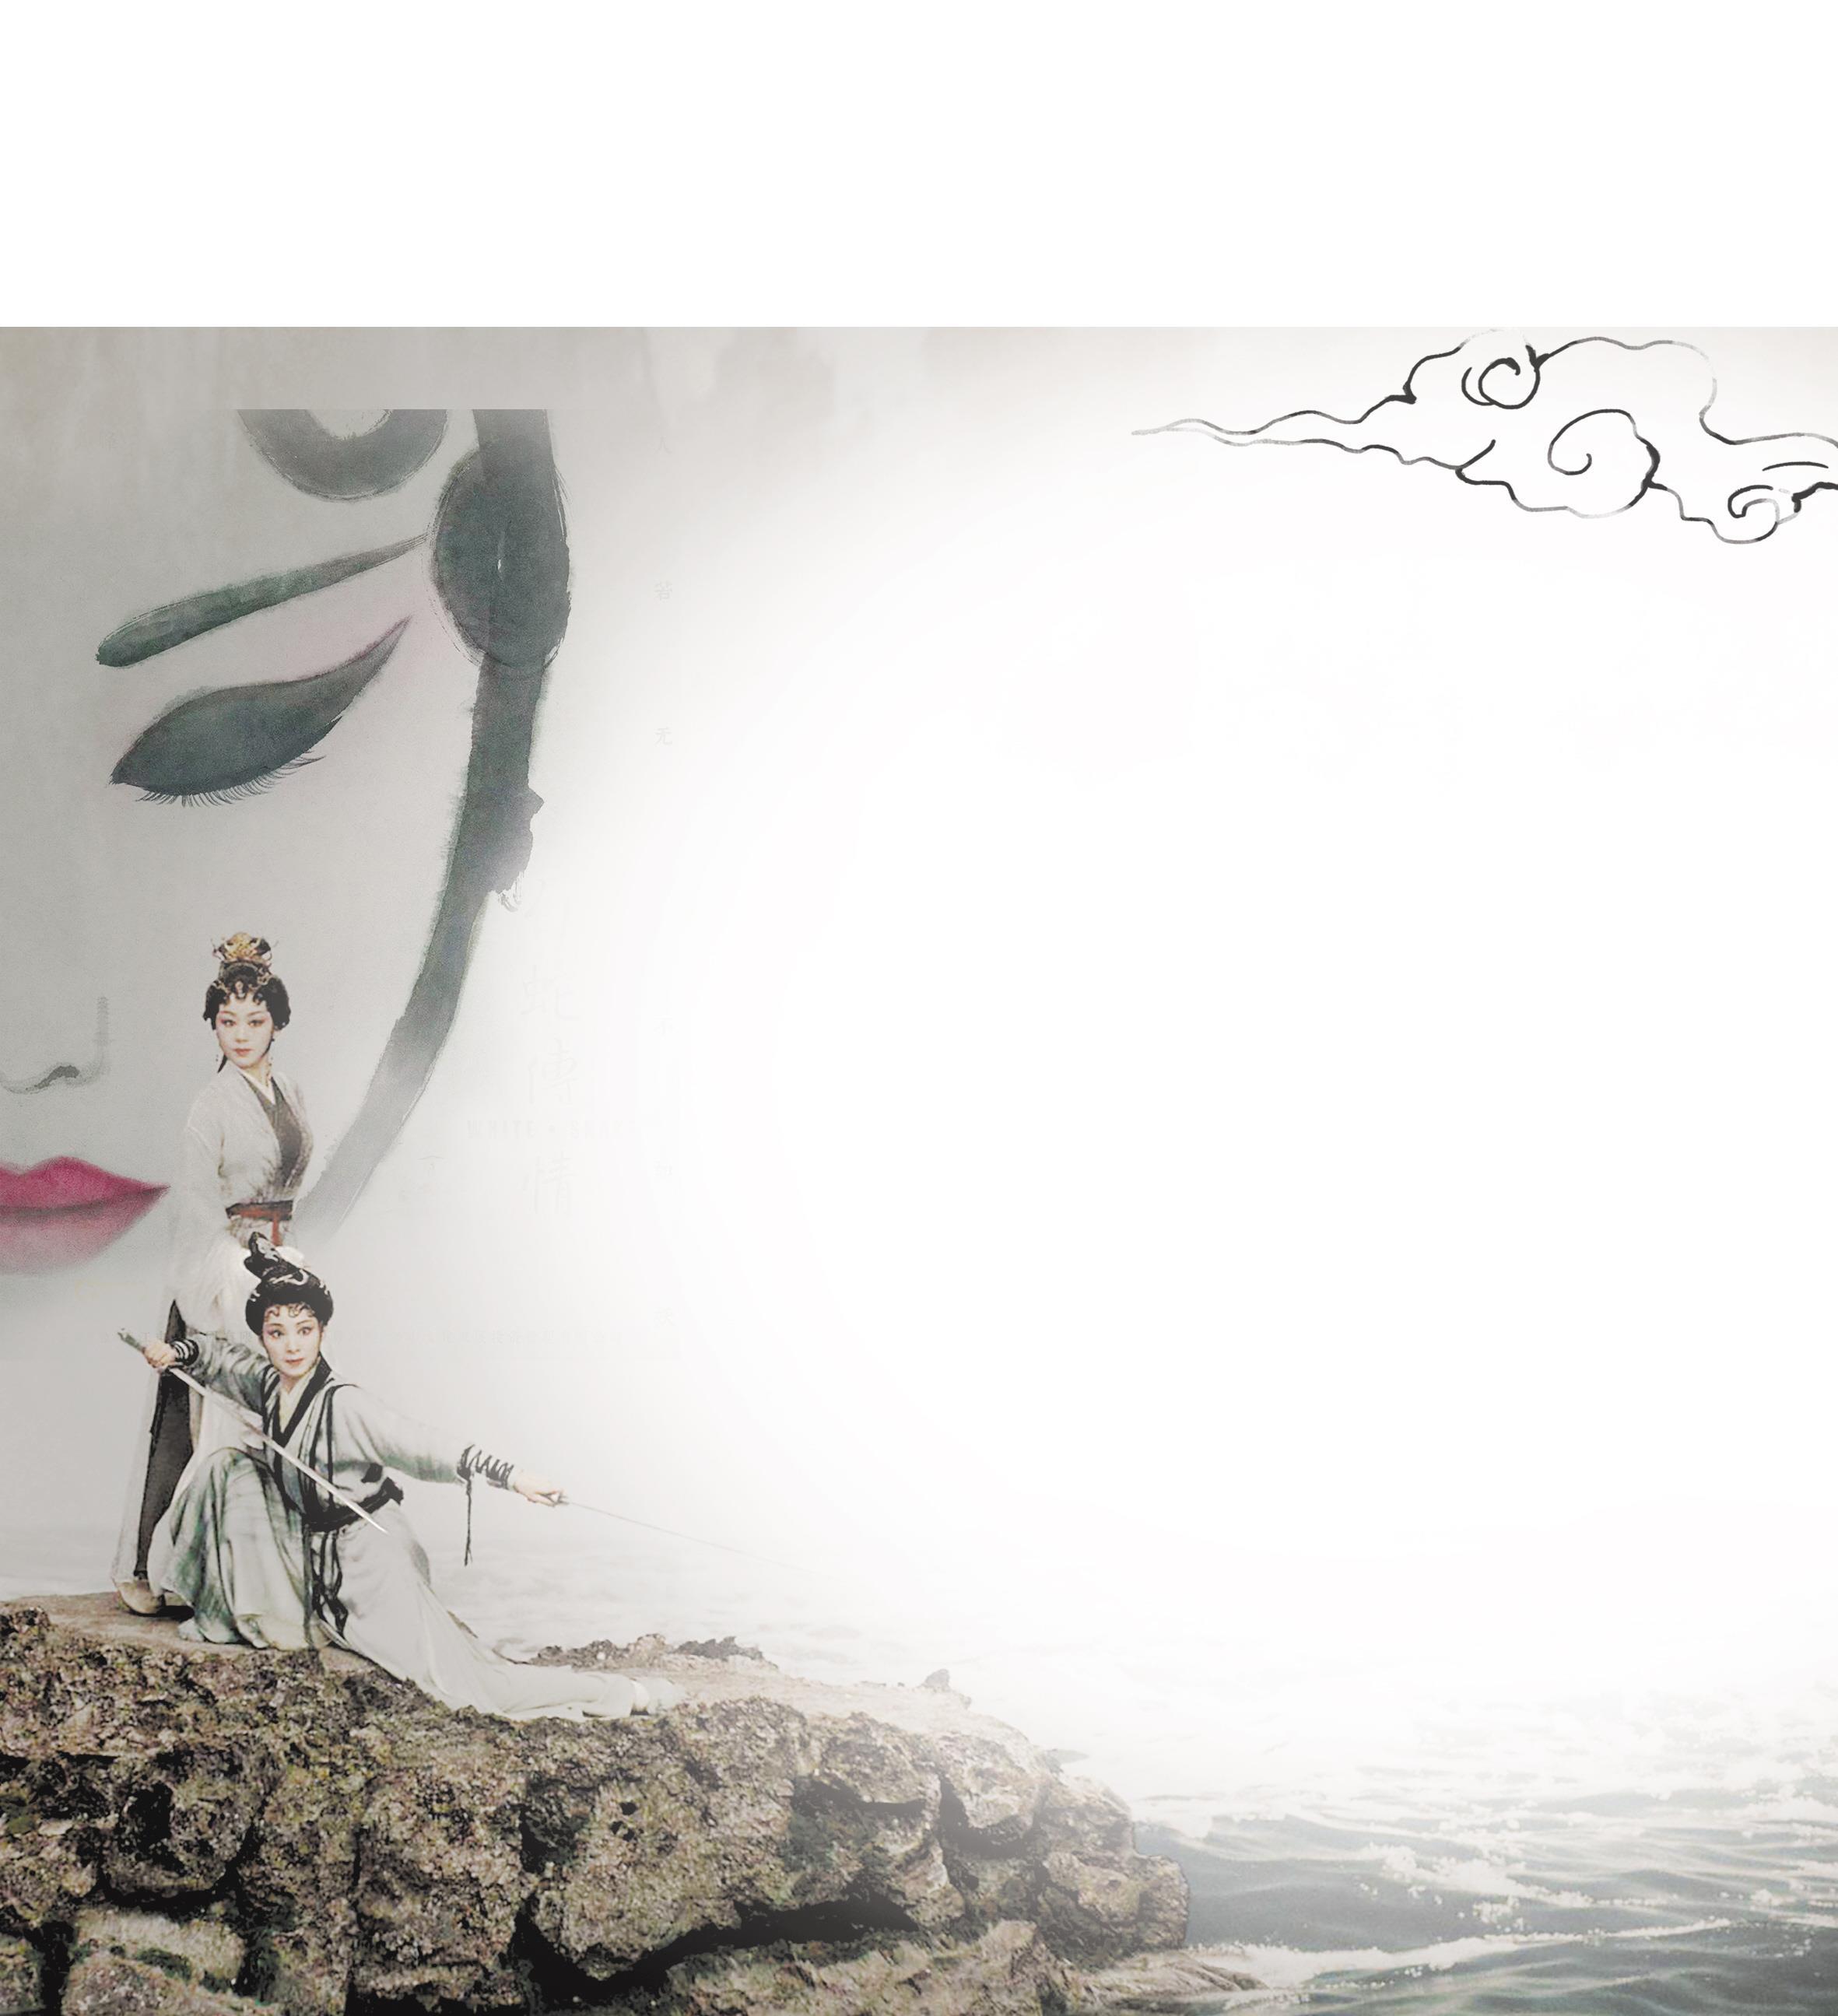 国潮电影来了,观众人呢 网友呼吁为《白蛇传·情》加排片